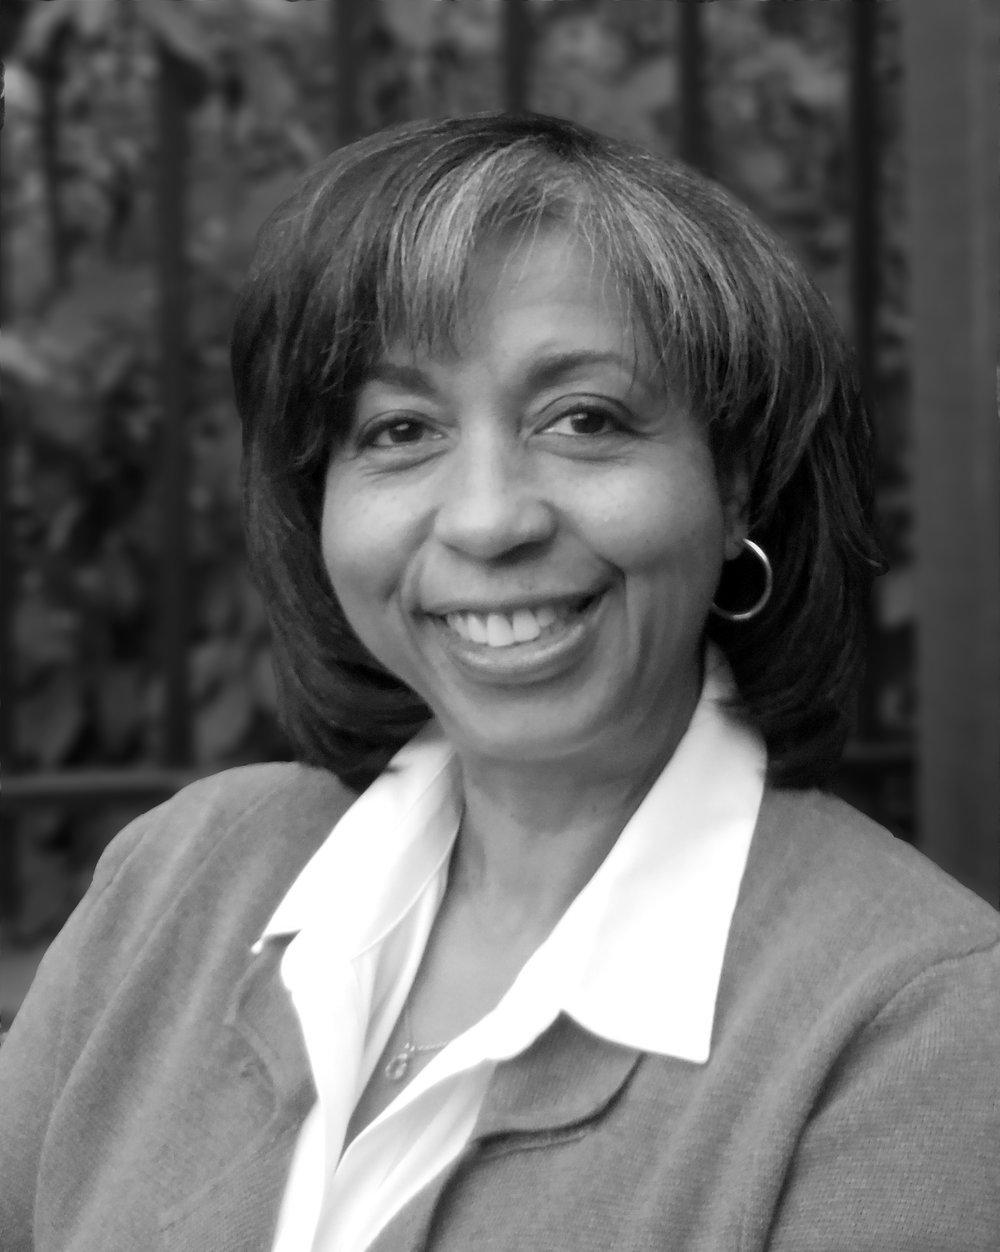 Vanetta Abdellatif, Chair